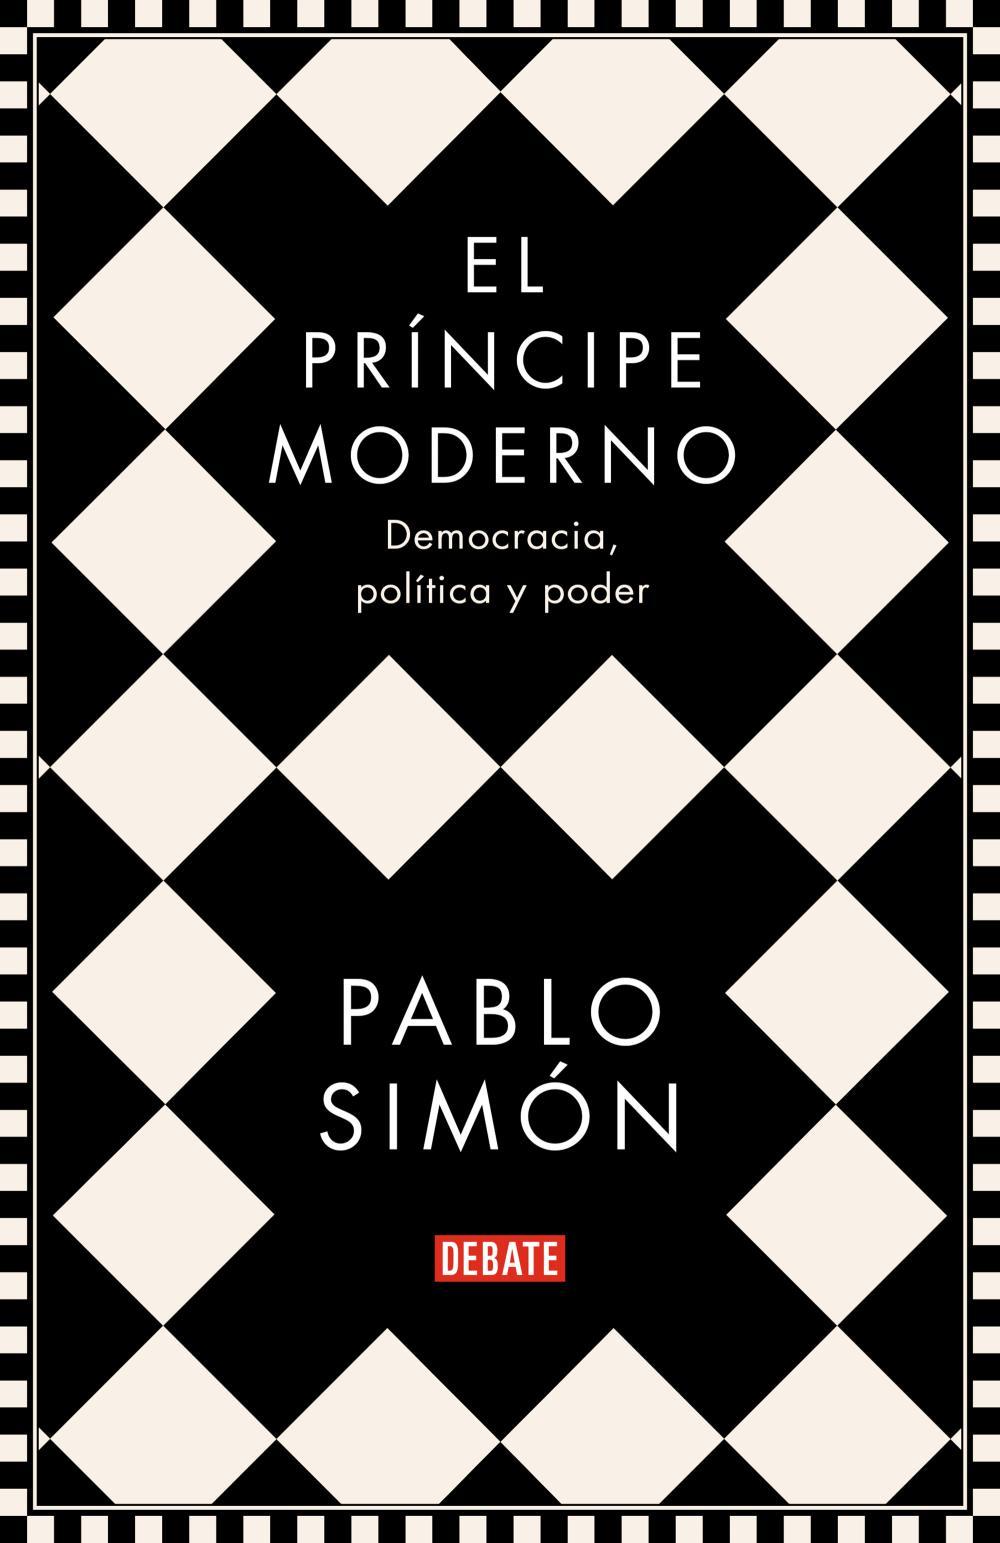 El príncipe moderno